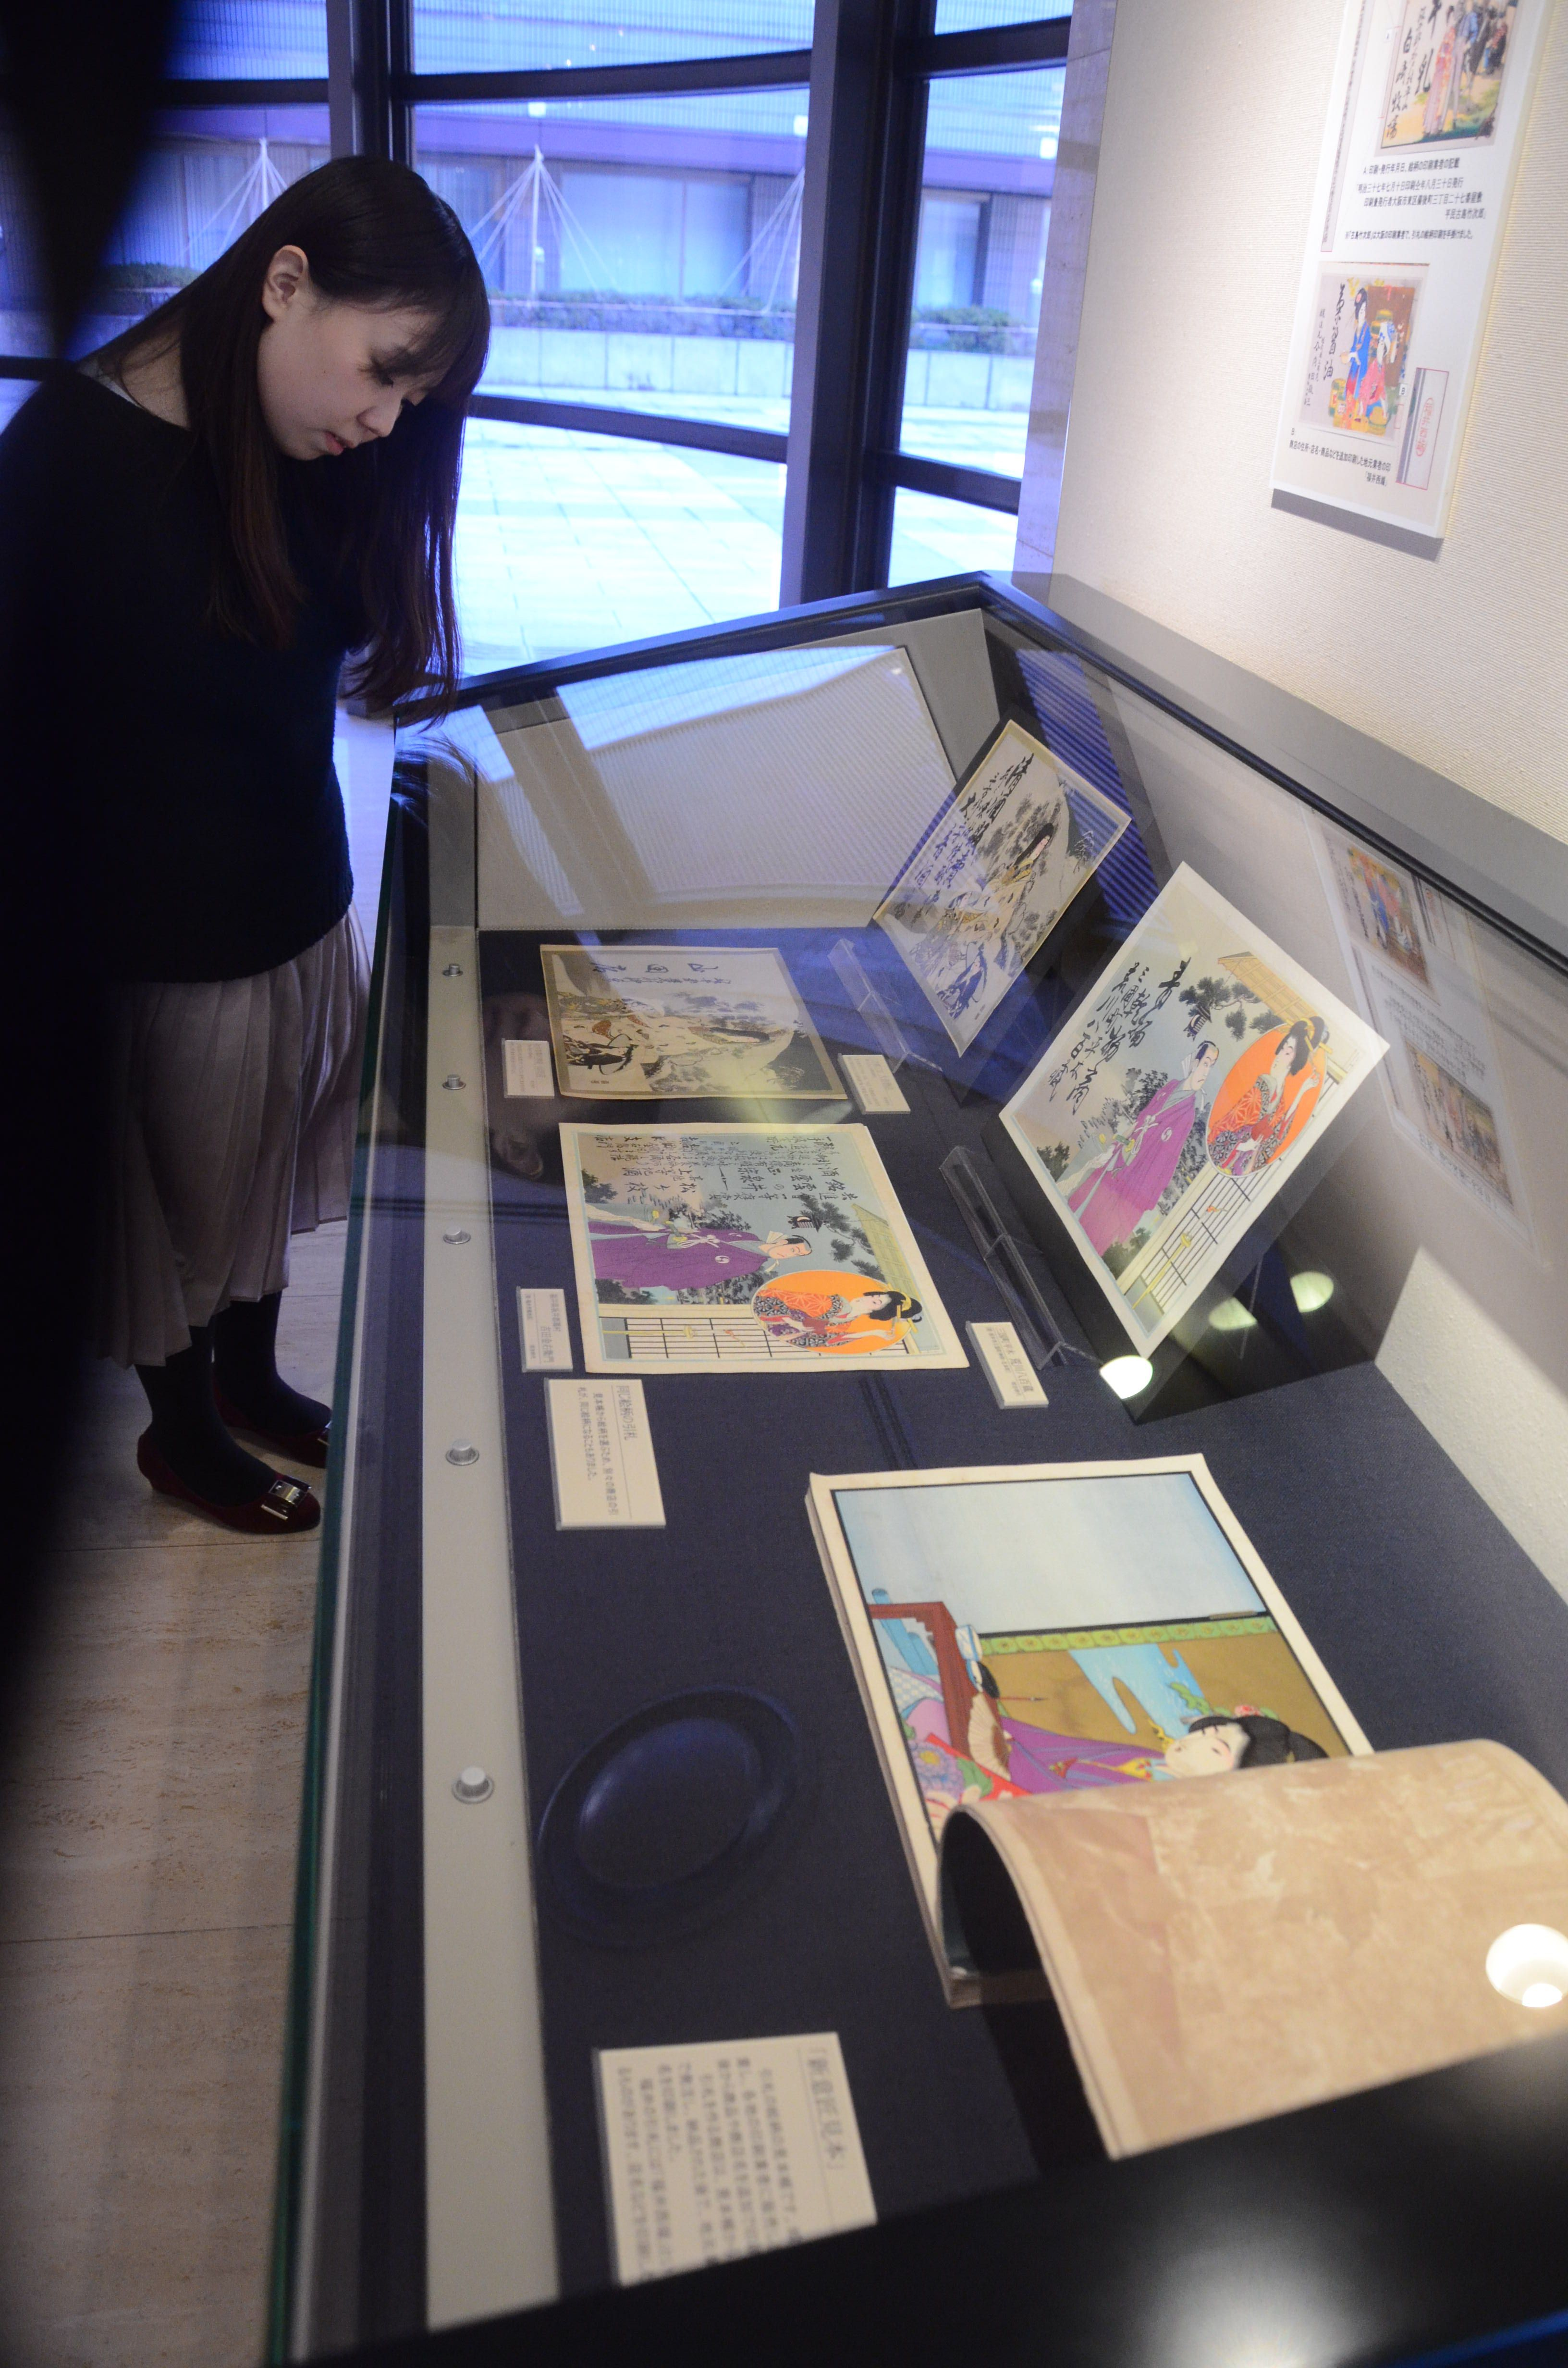 県内各地の商店などの「引札」が並ぶギャラリー展=福井市の県立歴史博物館